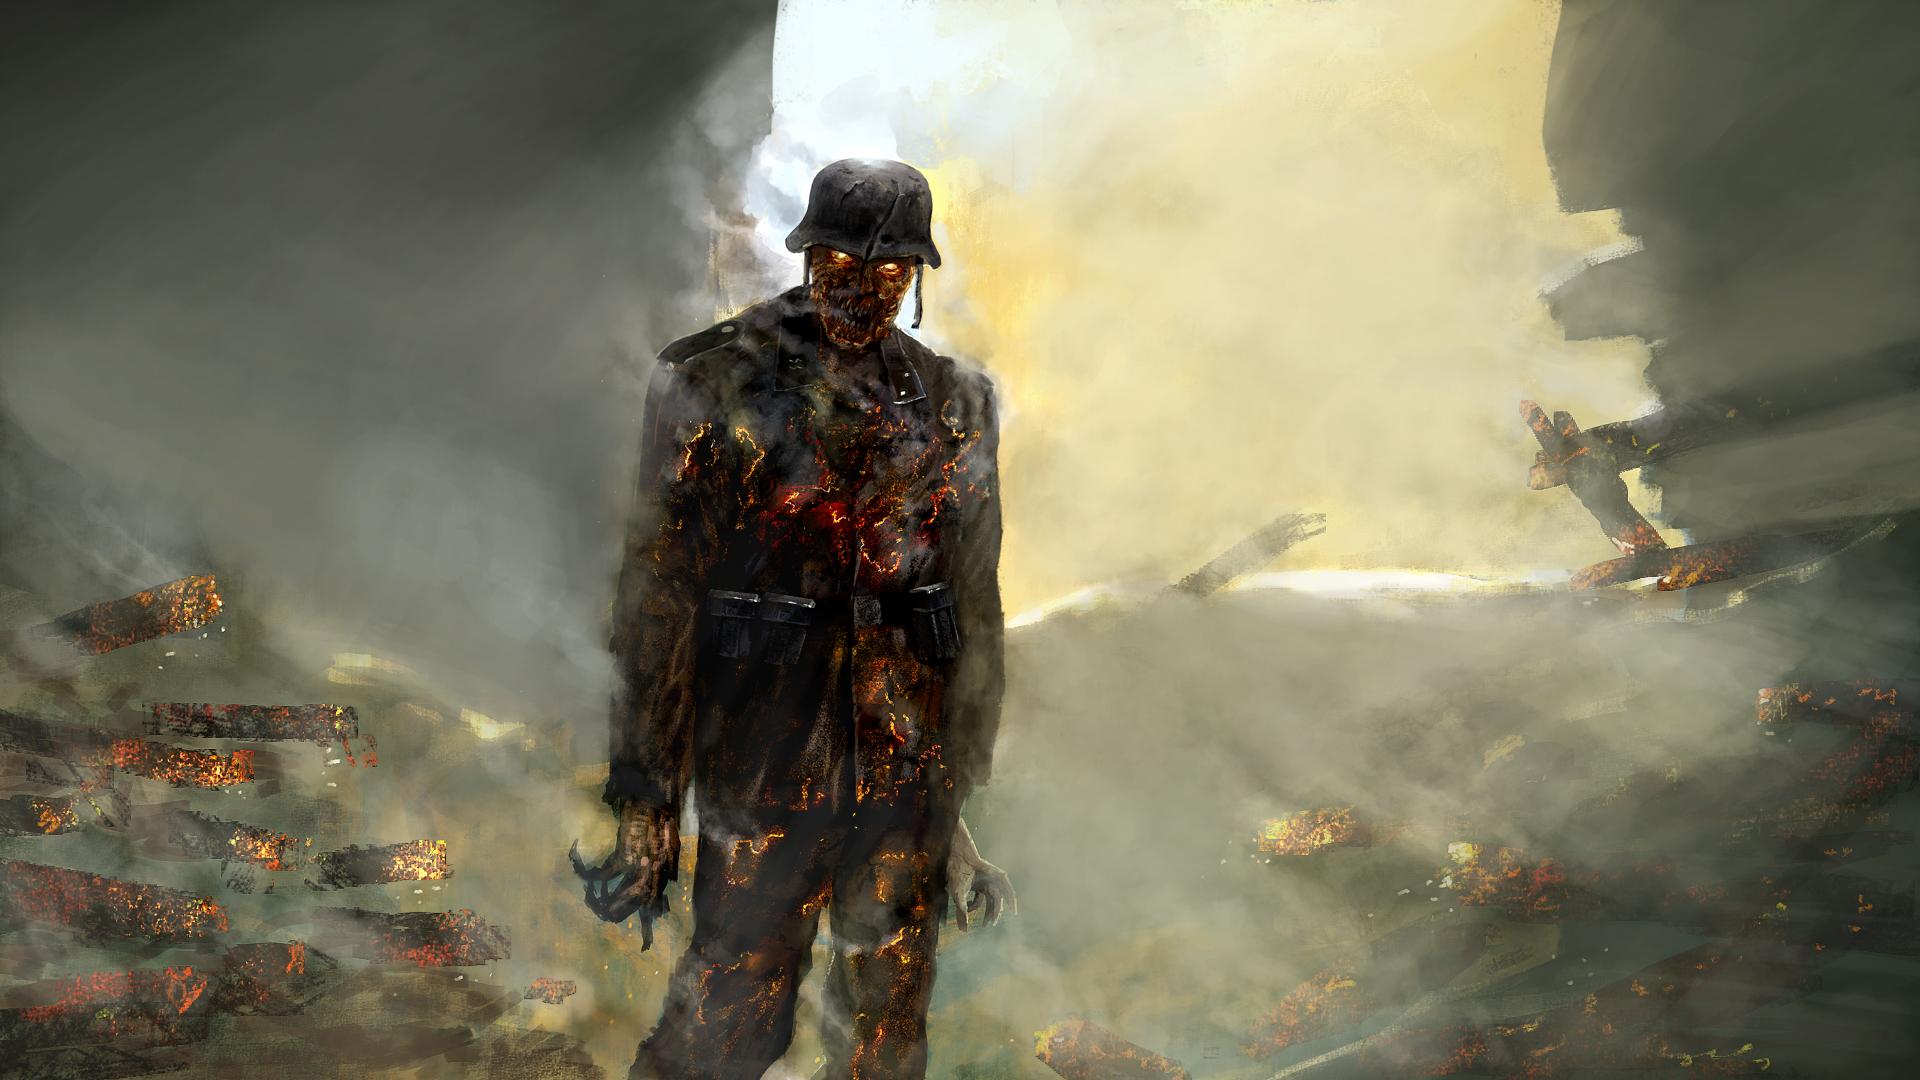 La Segunda Guerra Mundial y los videojuegos arrojan imágenes como esta, de un zombi nazi.